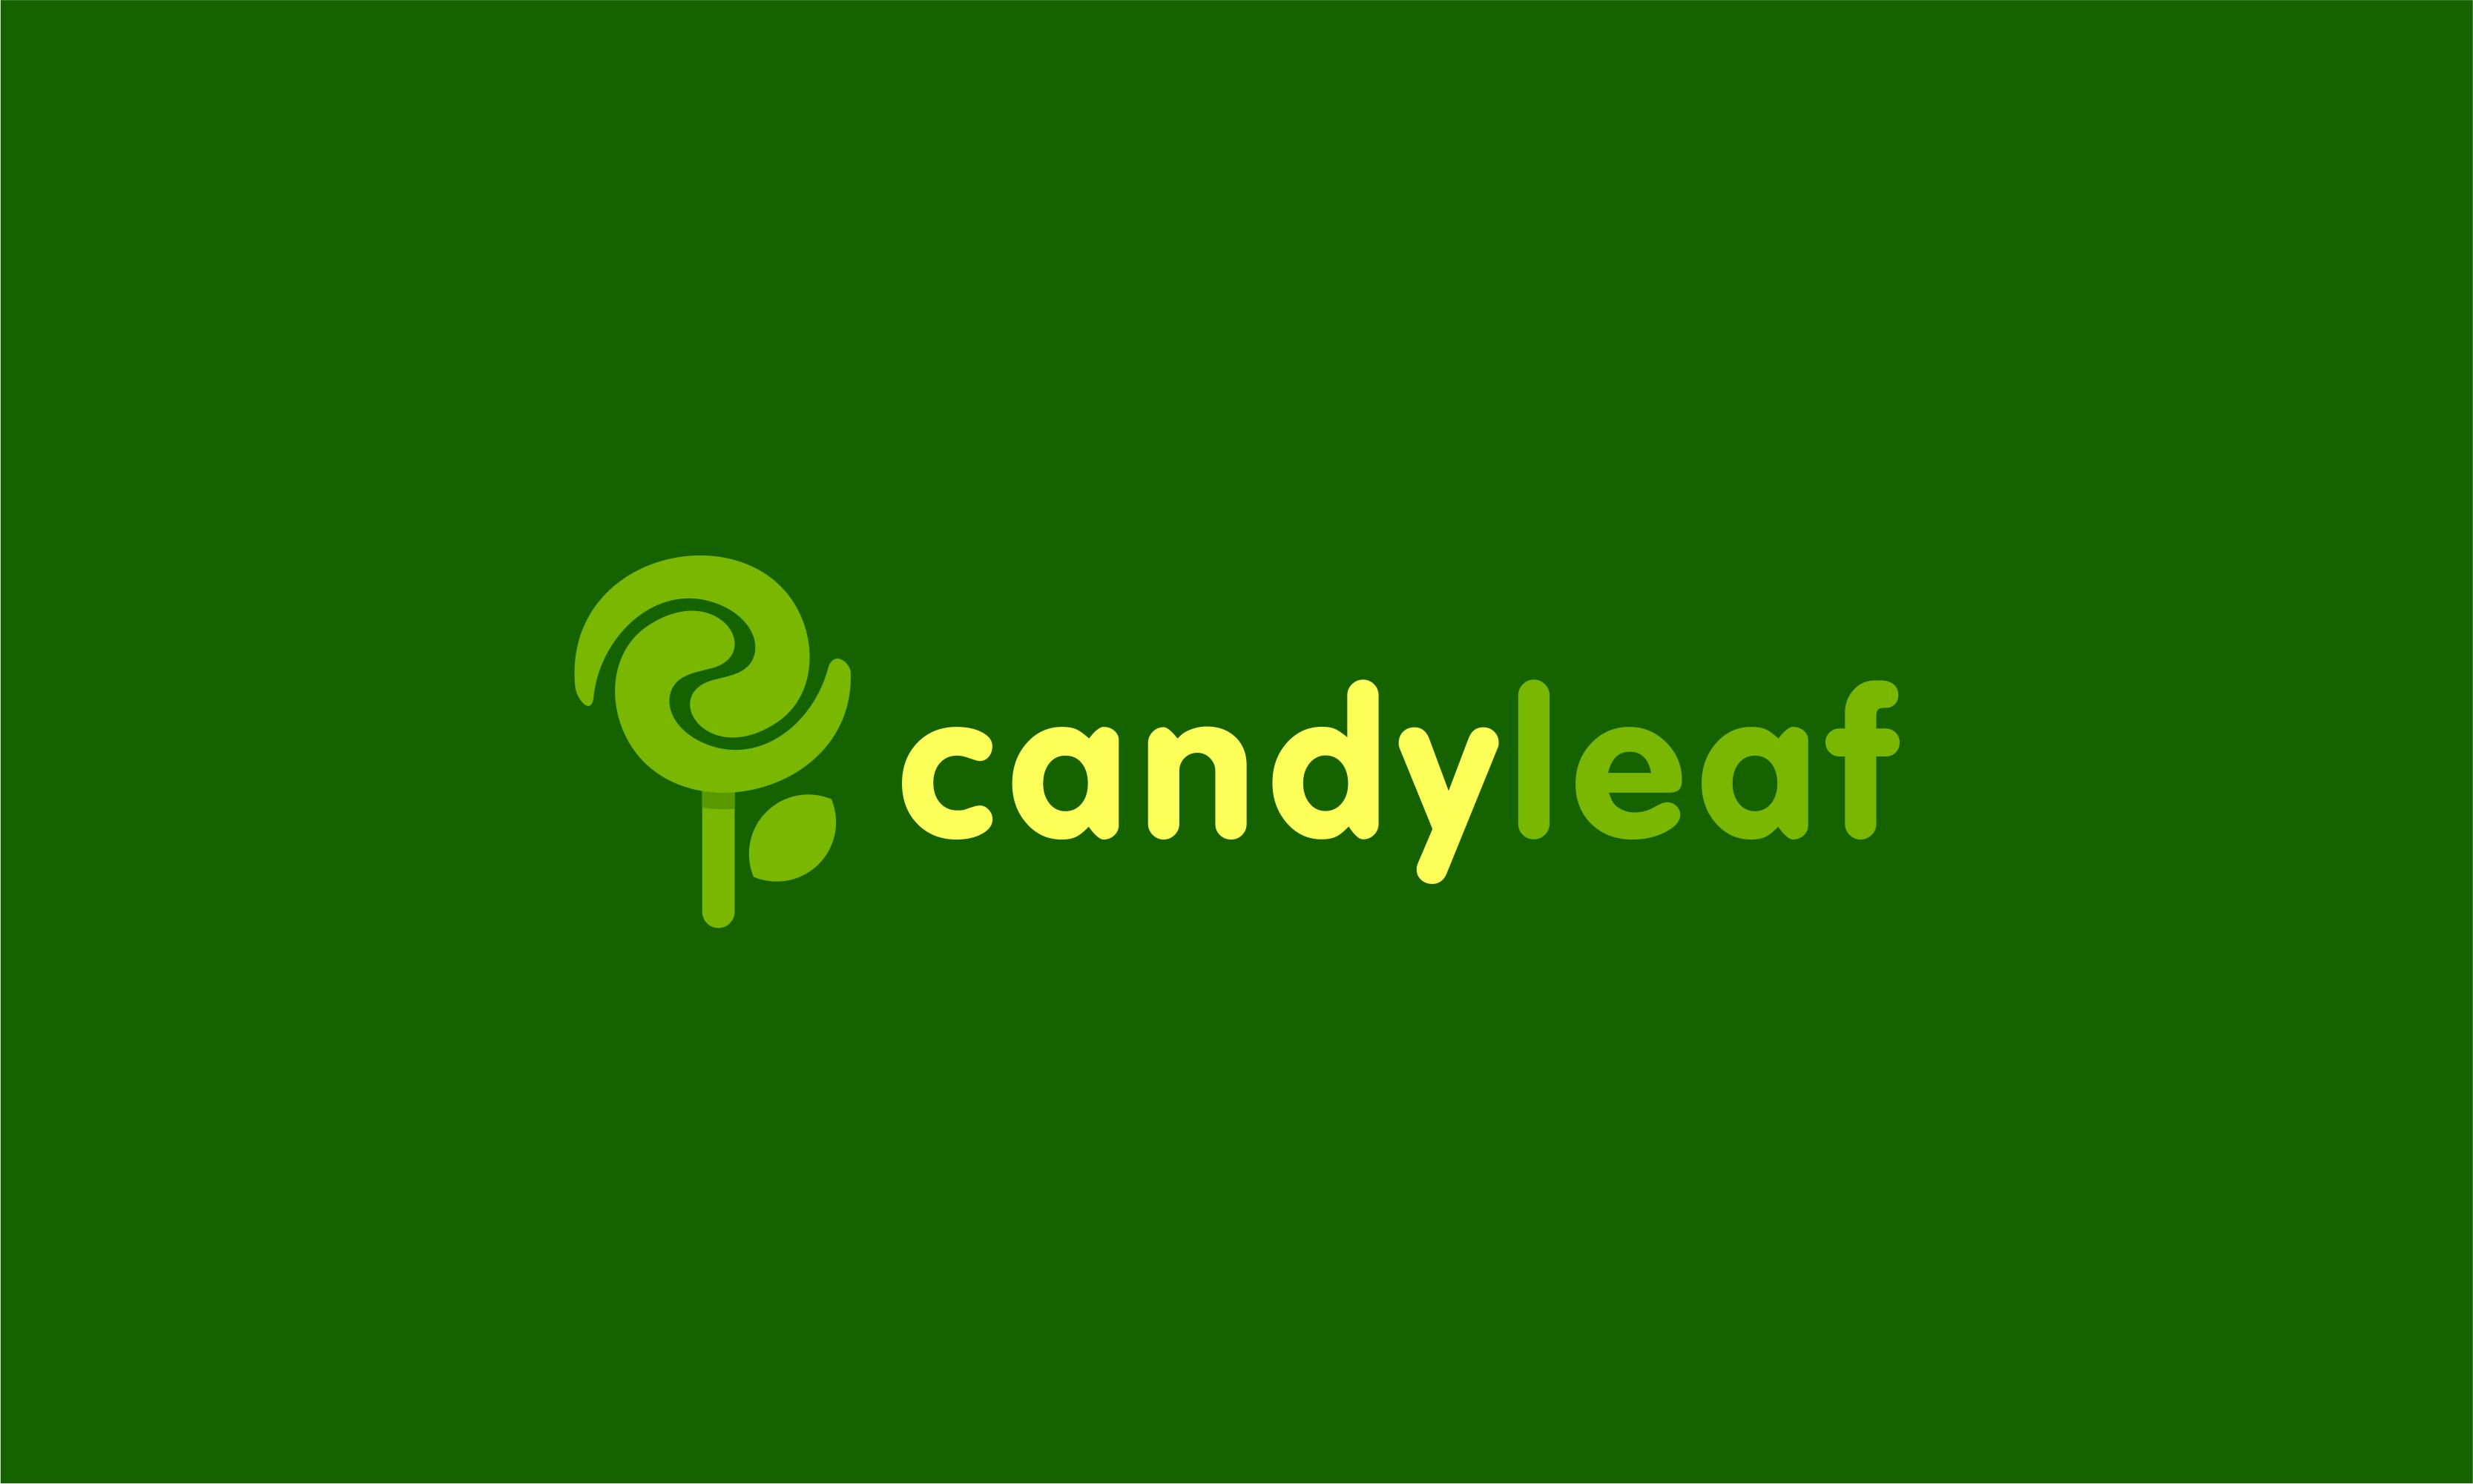 Candyleaf